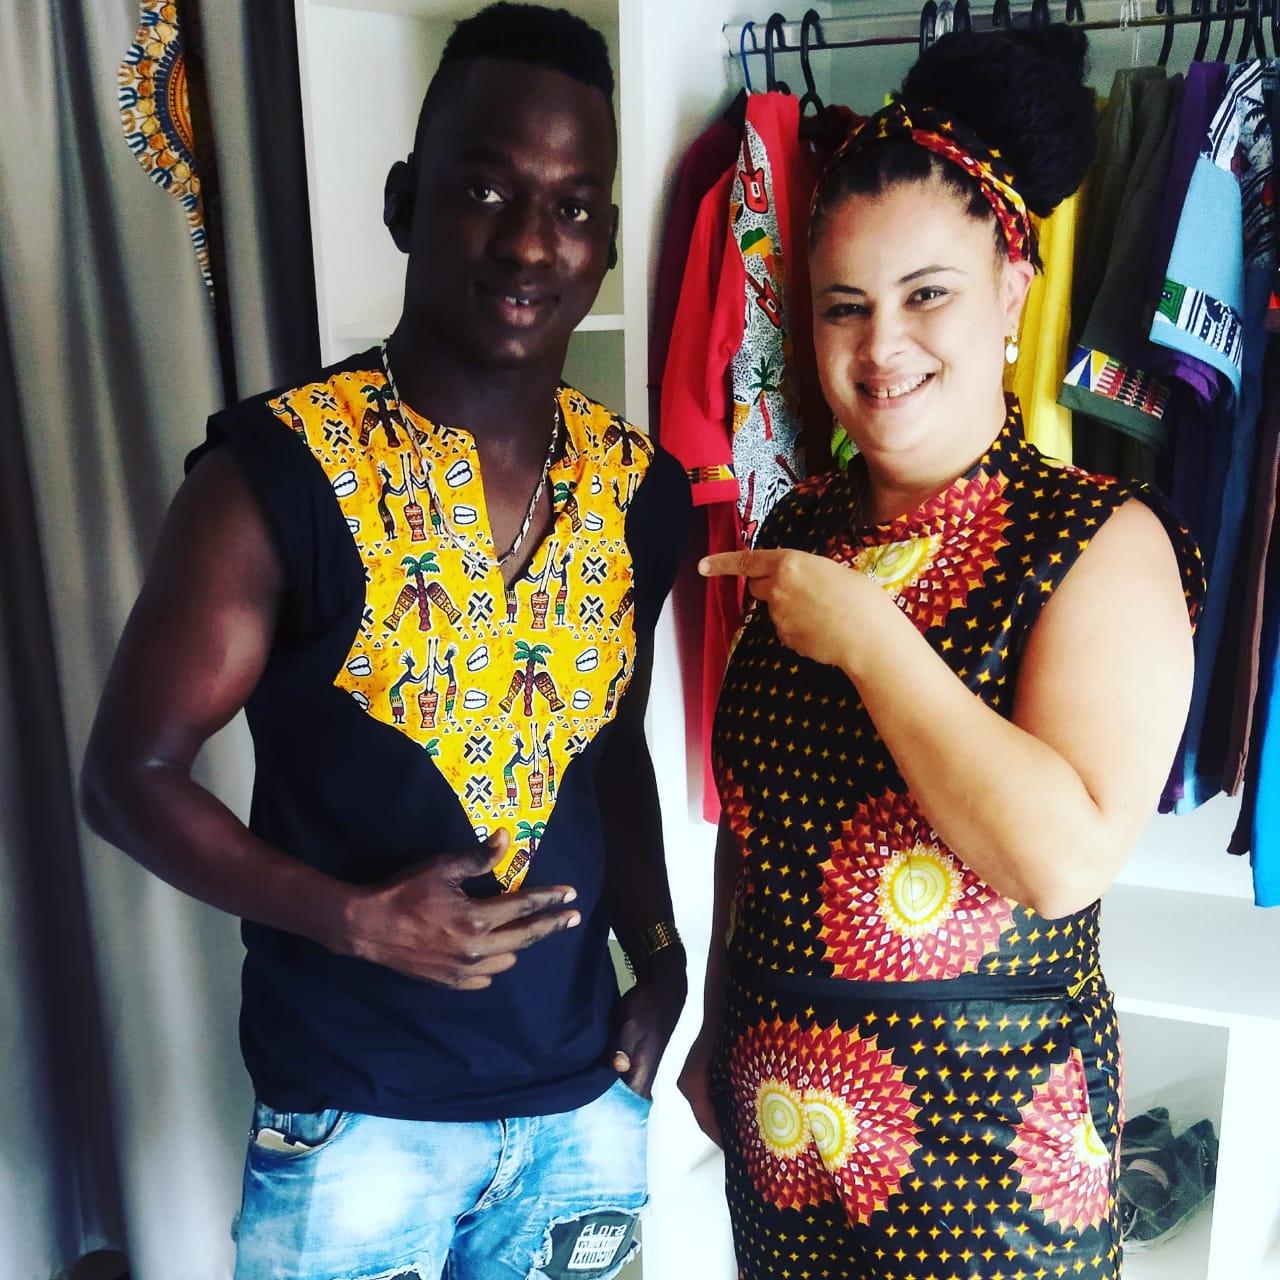 Edna e o estilista senegalês Abdou N'diaye. Foto: acervo pessoal Edna Nunes.